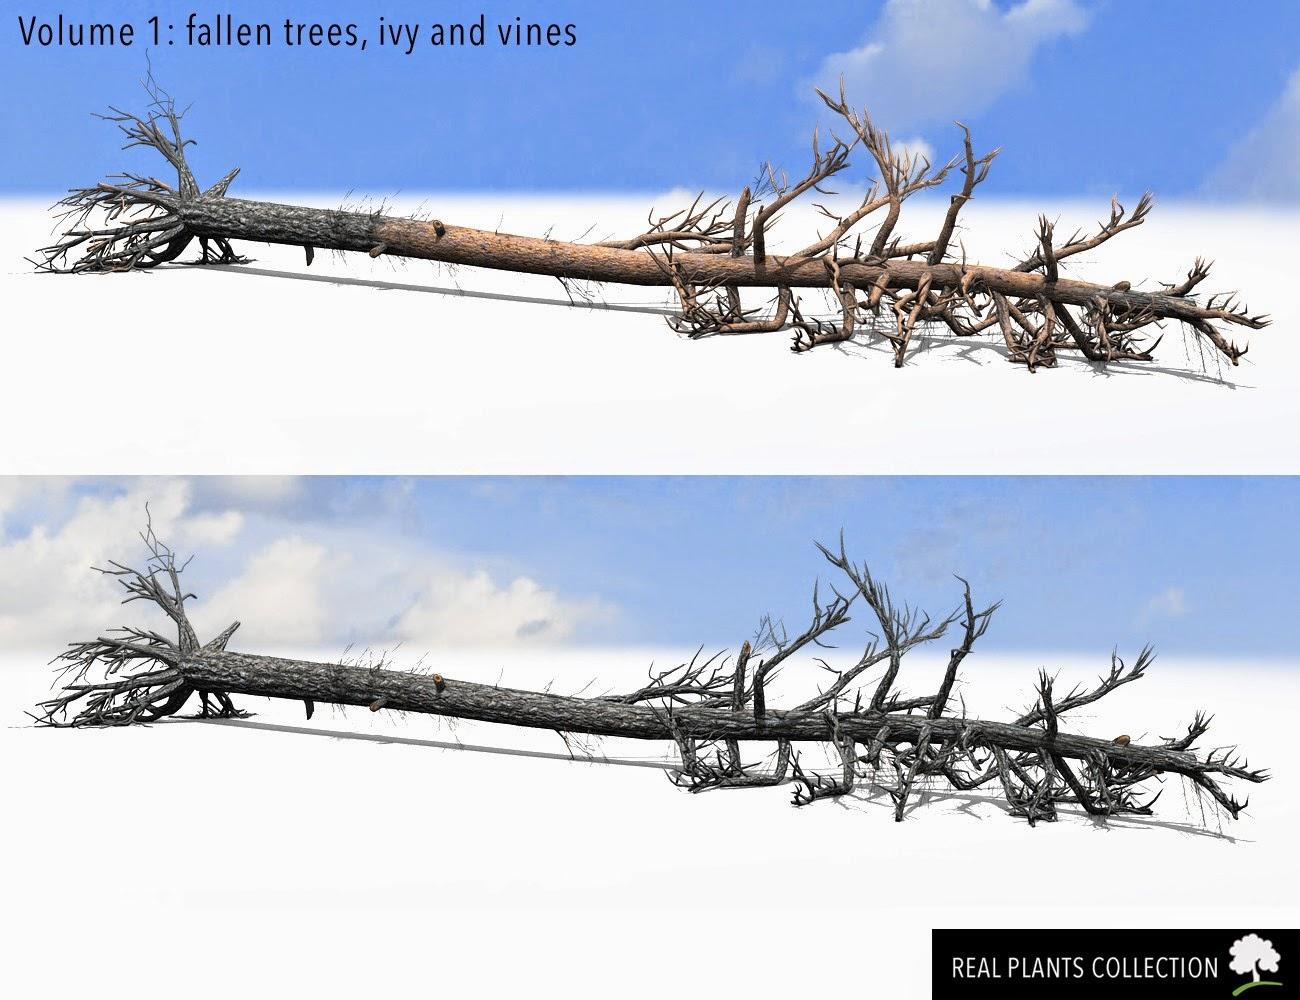 RPC Volume 1: arbres tombés, Ivy et vignes